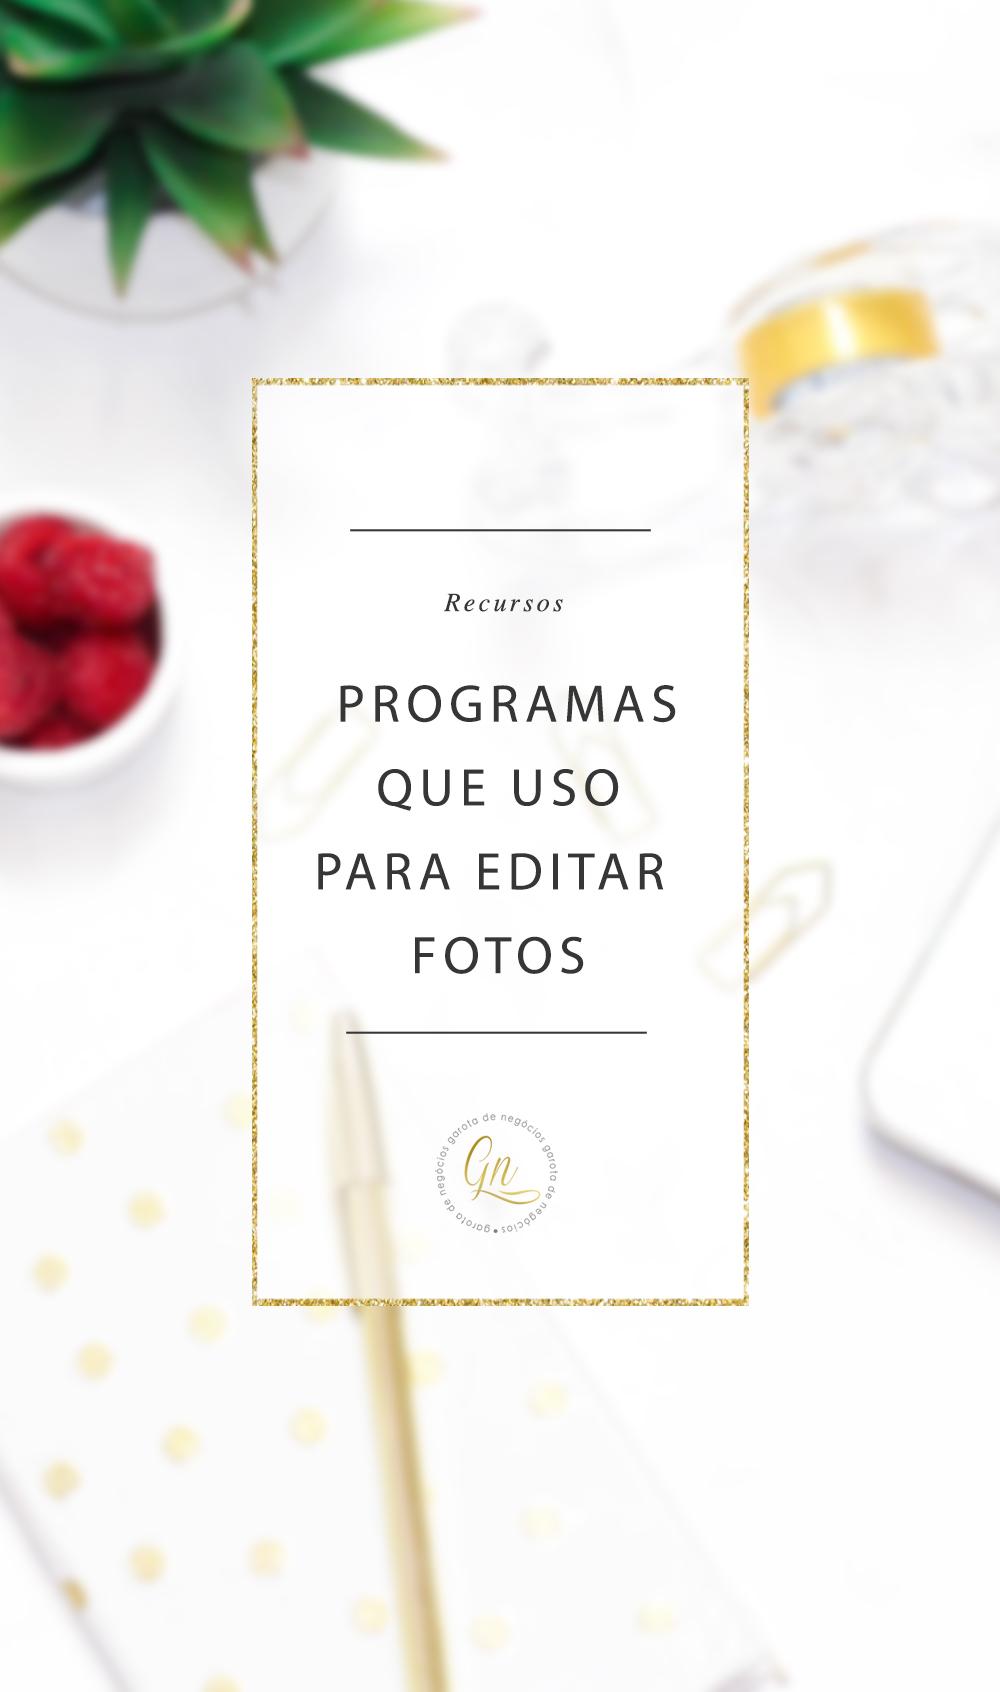 programas-para-edicao-de-fotos-garotadenegocios